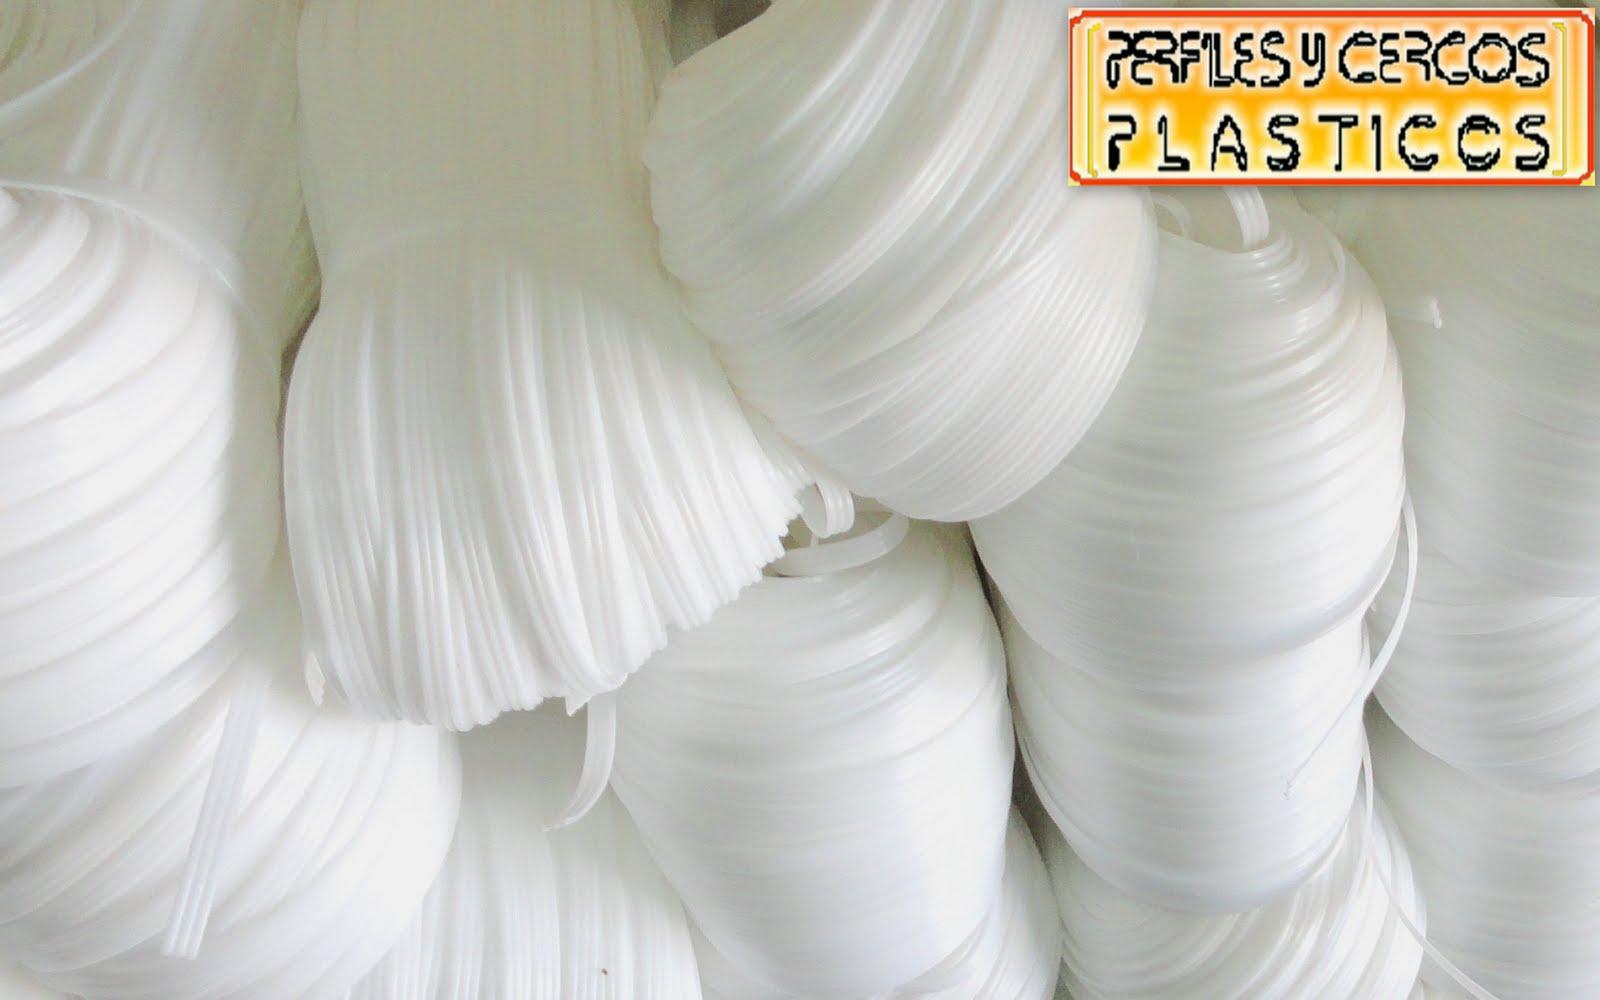 Perfiles y cercos plasticos perfiles pl sticos para muebles - Perfiles de plastico ...